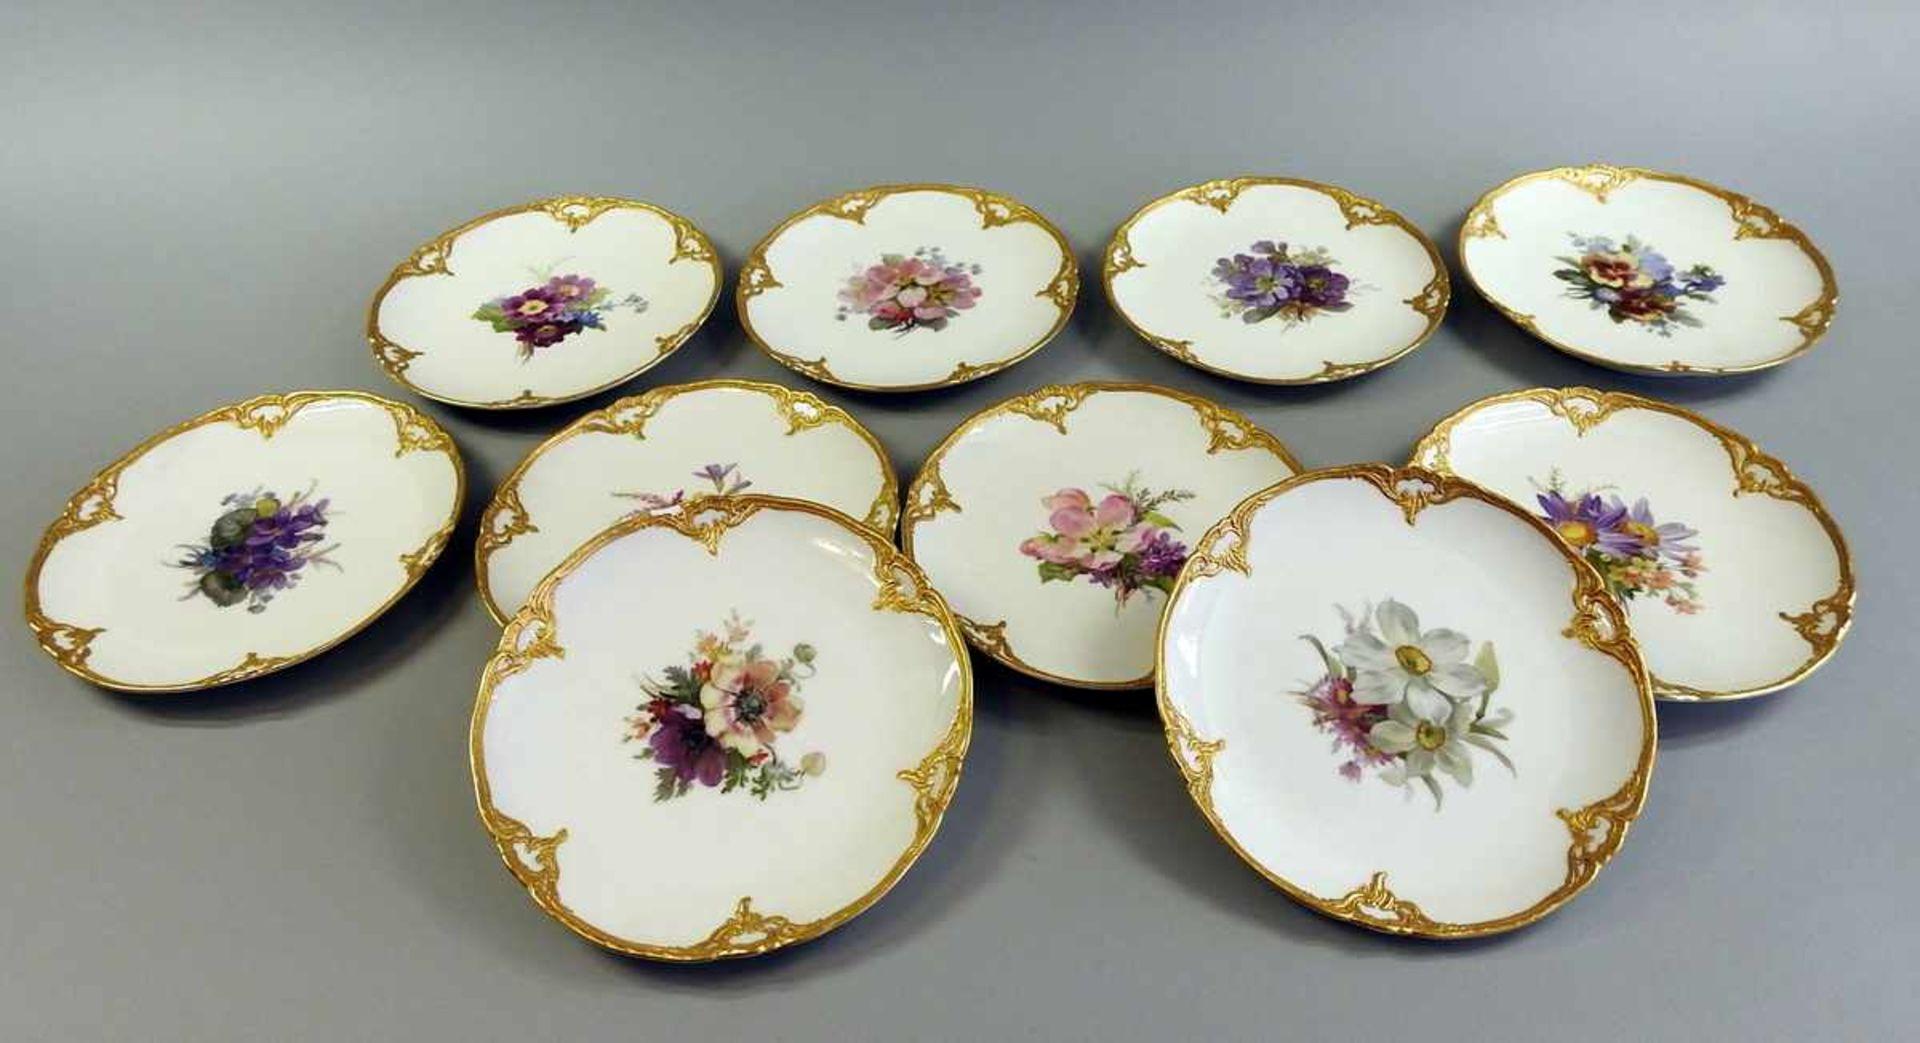 Los 41 - 10 KPM Neuzierat Dessertteller Porzellan, aufglasur handbemalt nach Blumendekor Nr. 73, mit Gold-